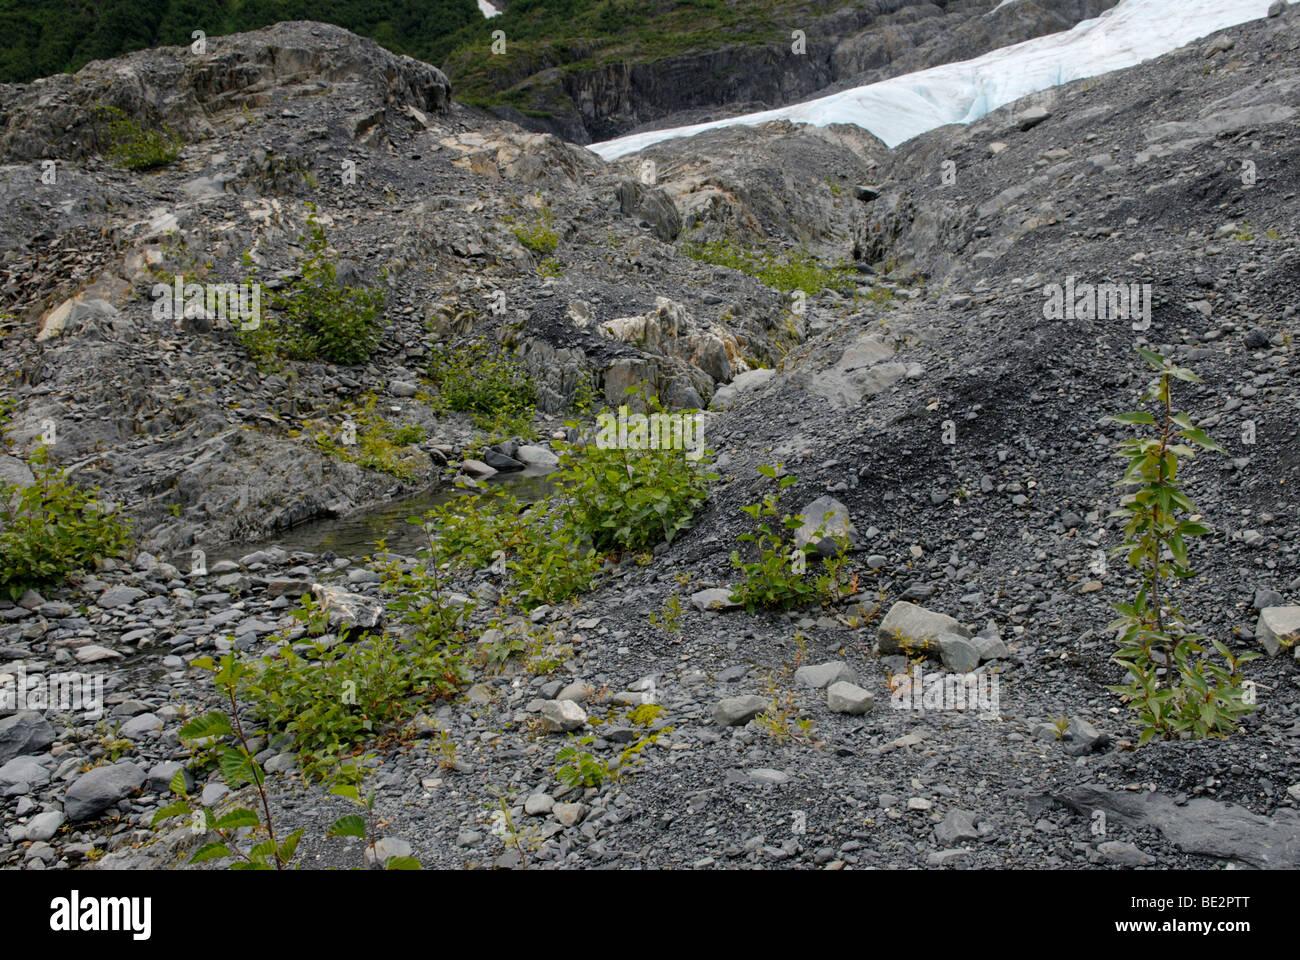 La succession écologique primaire, nouvelle croissance des plantes, à proximité d'un glacier Photo Stock